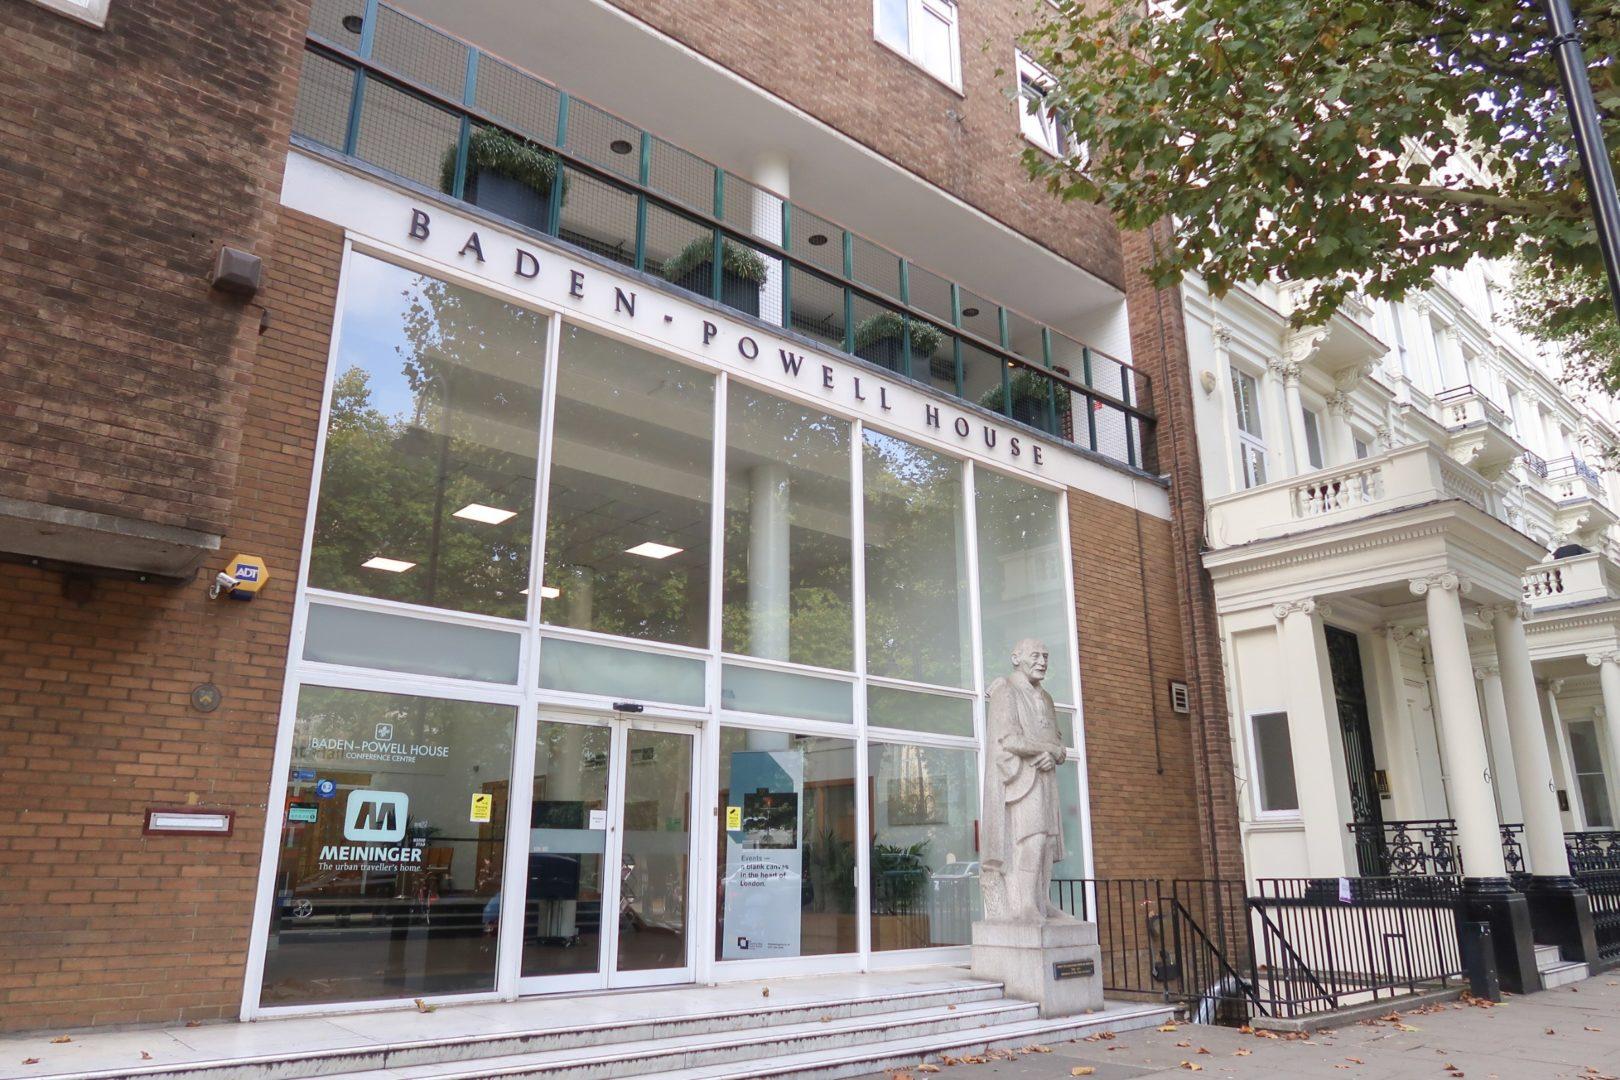 Kensington London - Baden Powell House